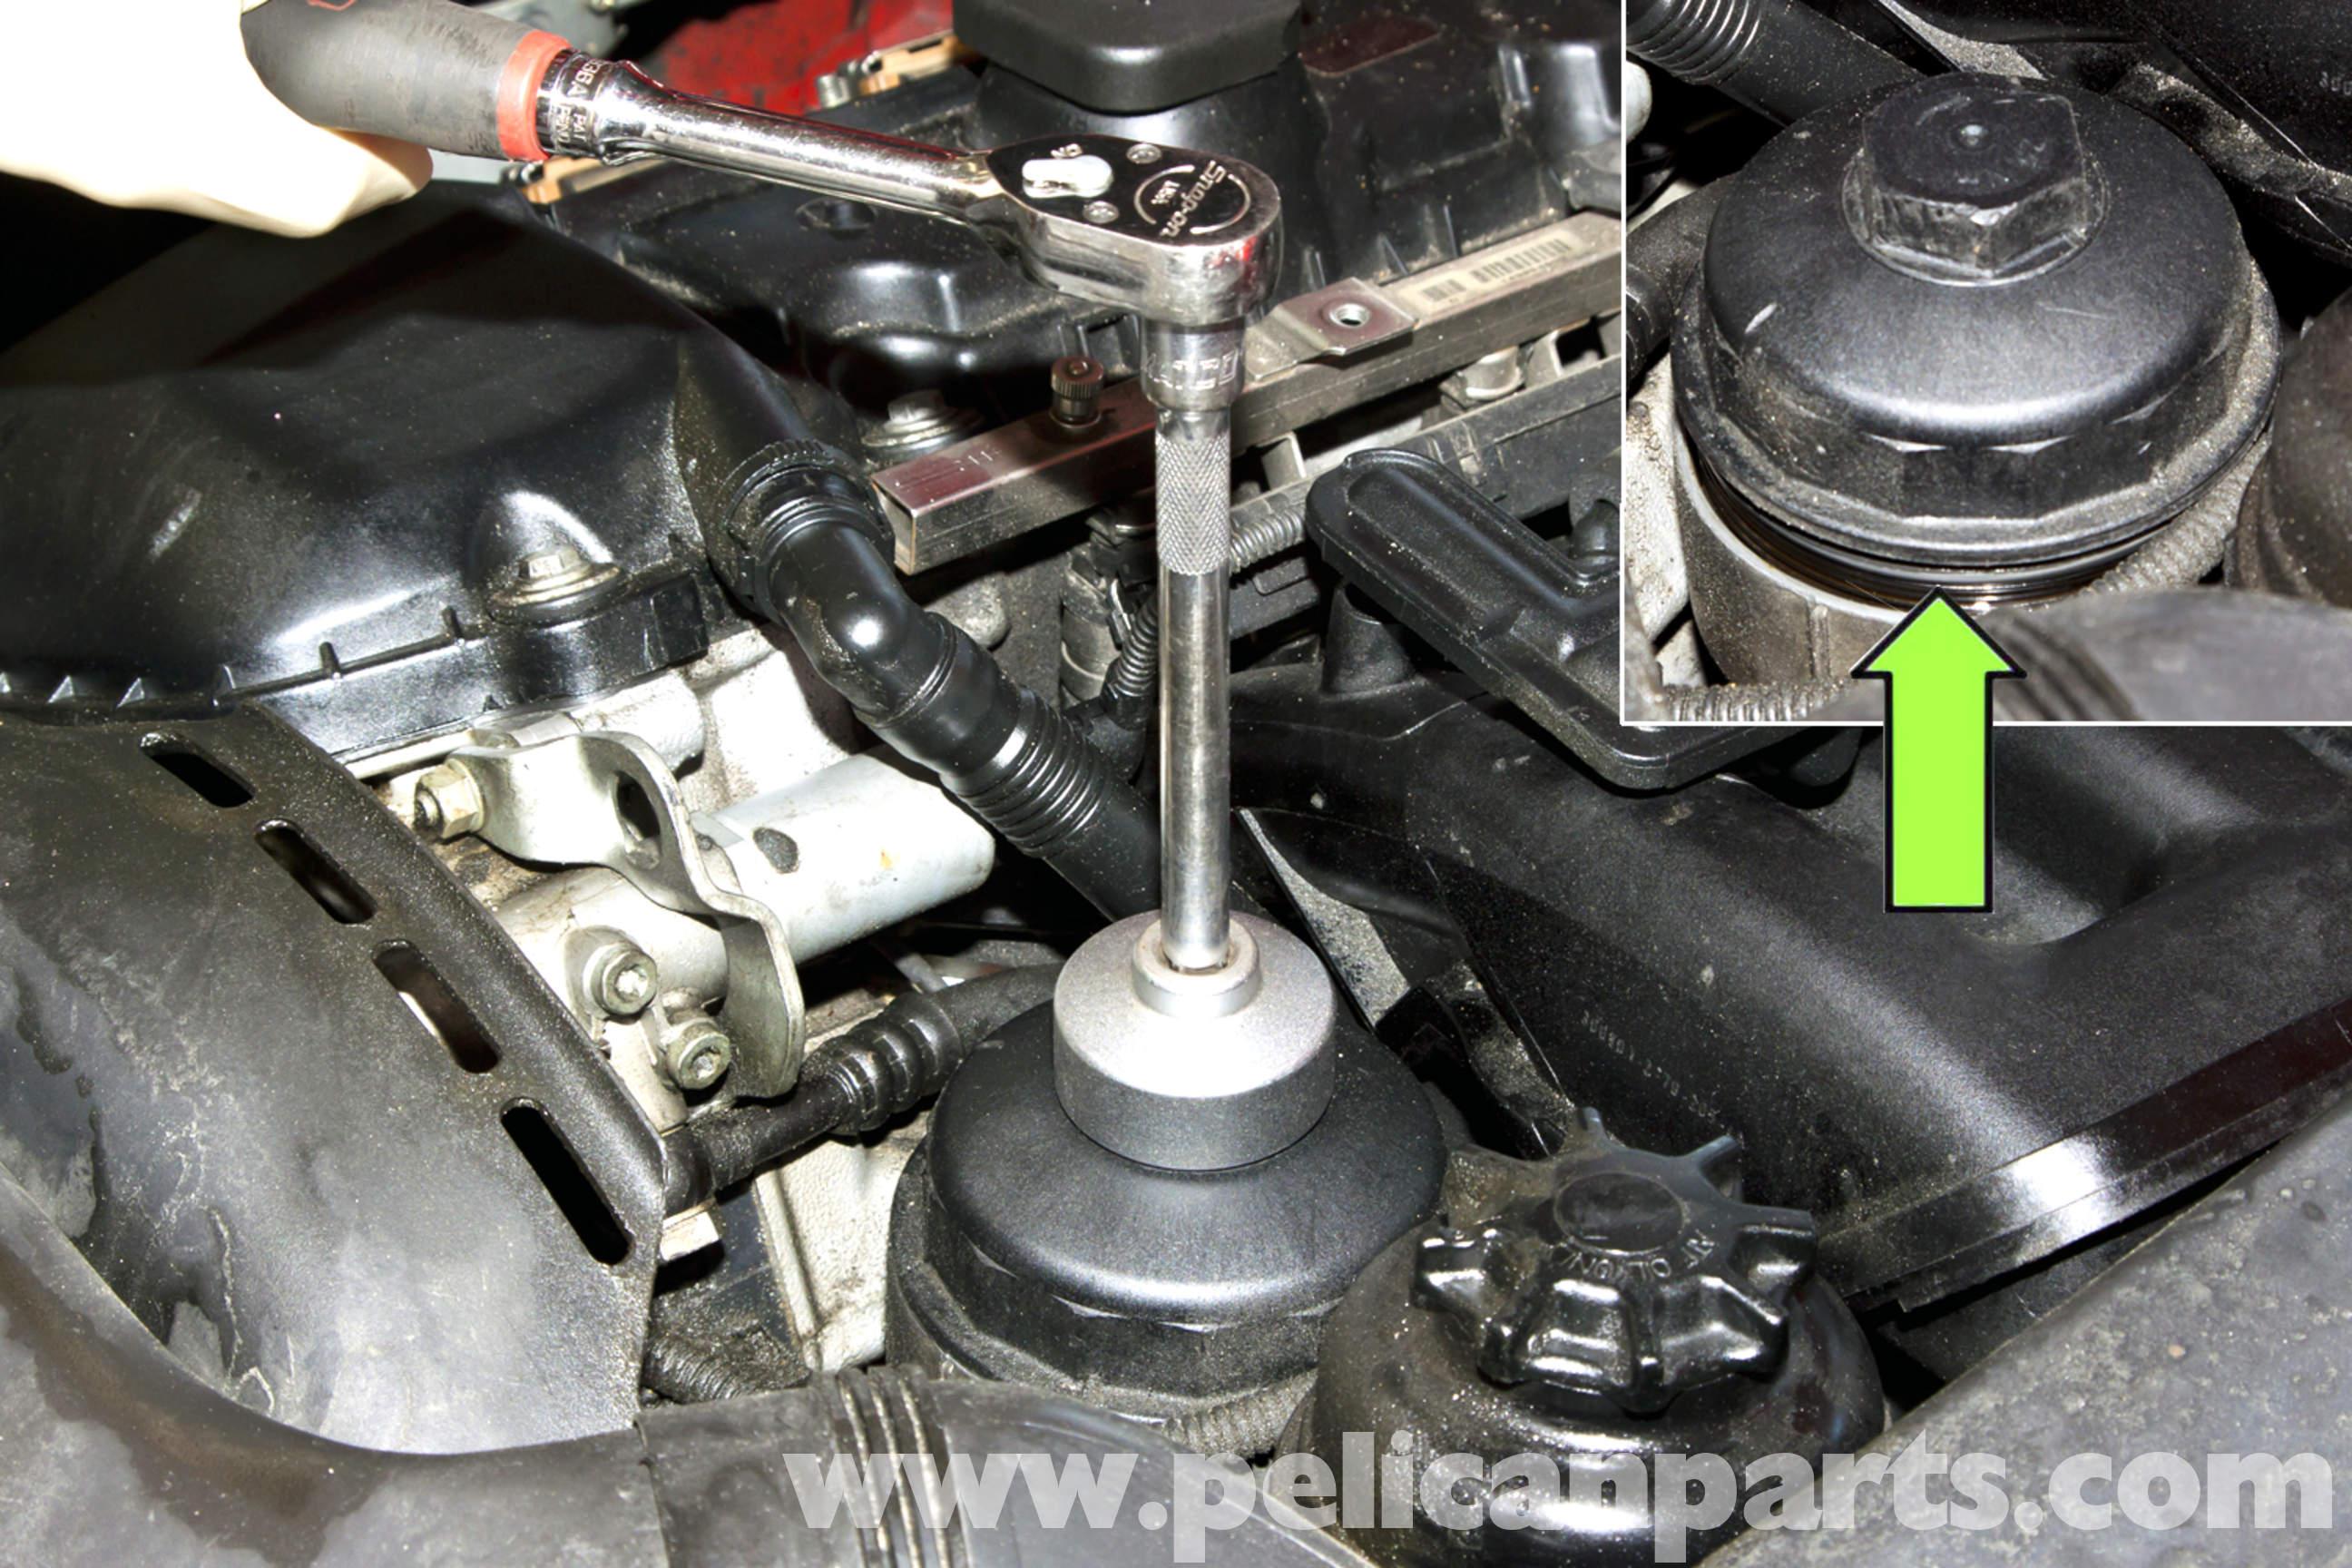 2005 Bmw 330ci Belt Diagram 27 Wiring Images 530i Pic01 525i Engine Schematic Wire Center U2022